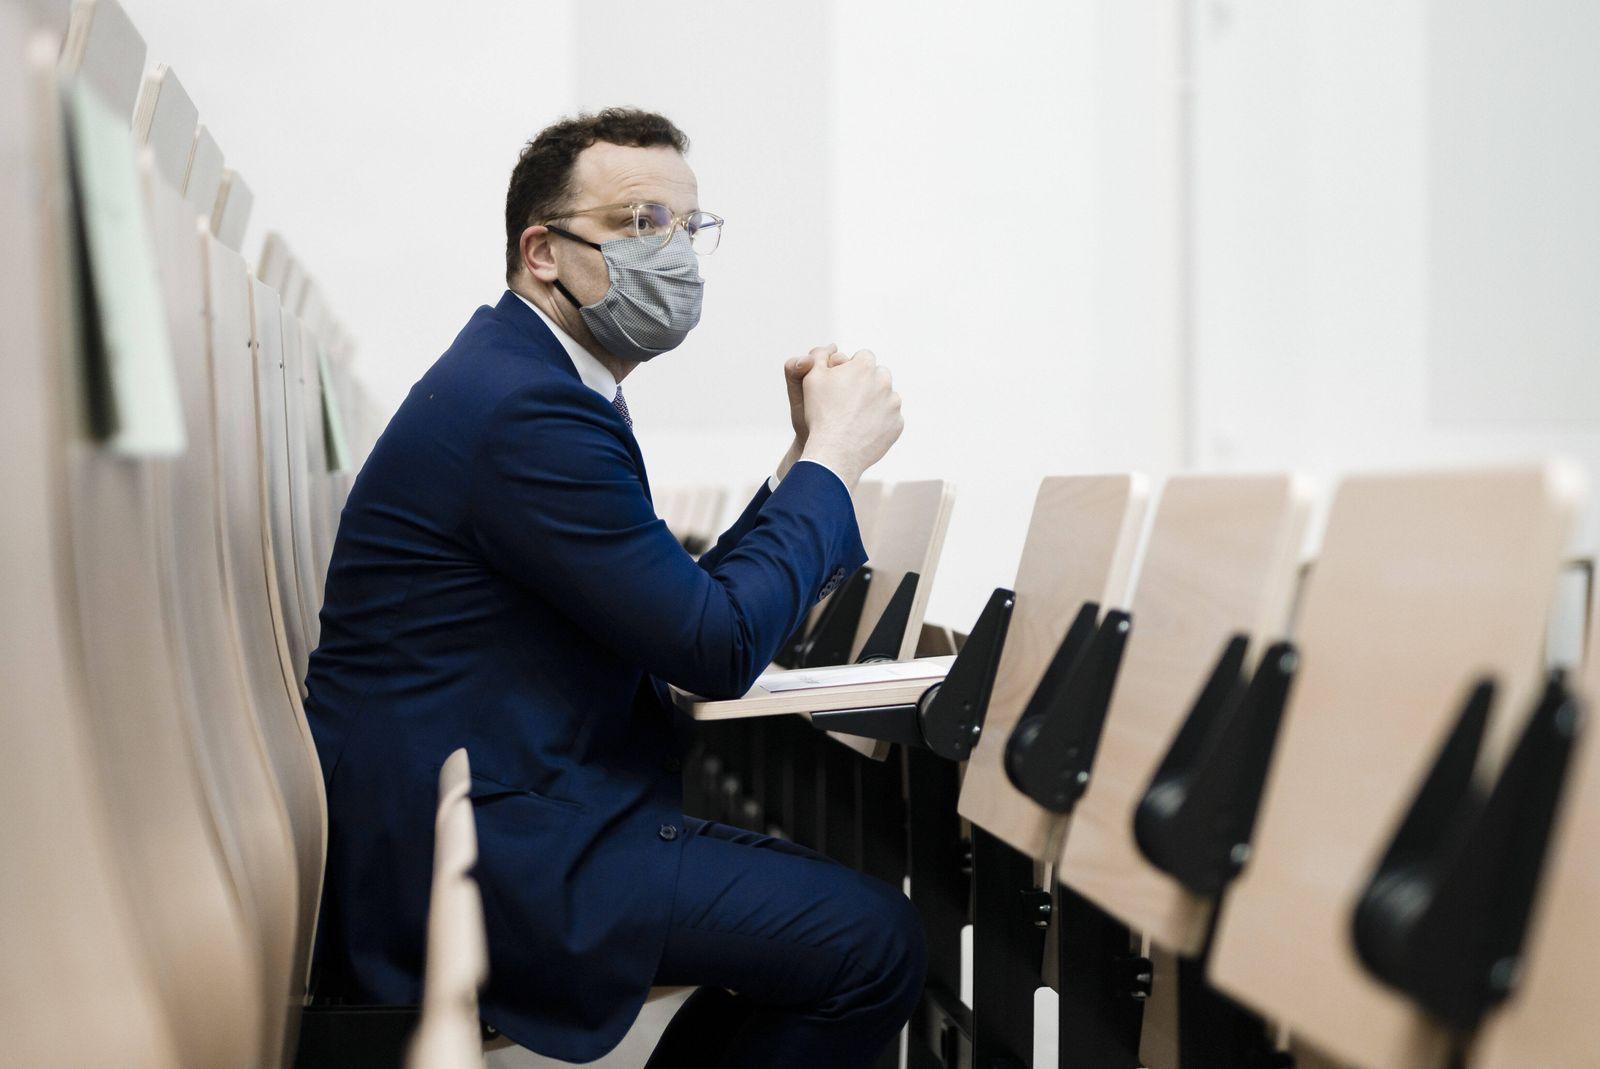 Bundesgesundheitsminister Jens Spahn (CDU) besucht das Universitaetsklinikum des Saarlandes in Homburg am 08.05.2020. H